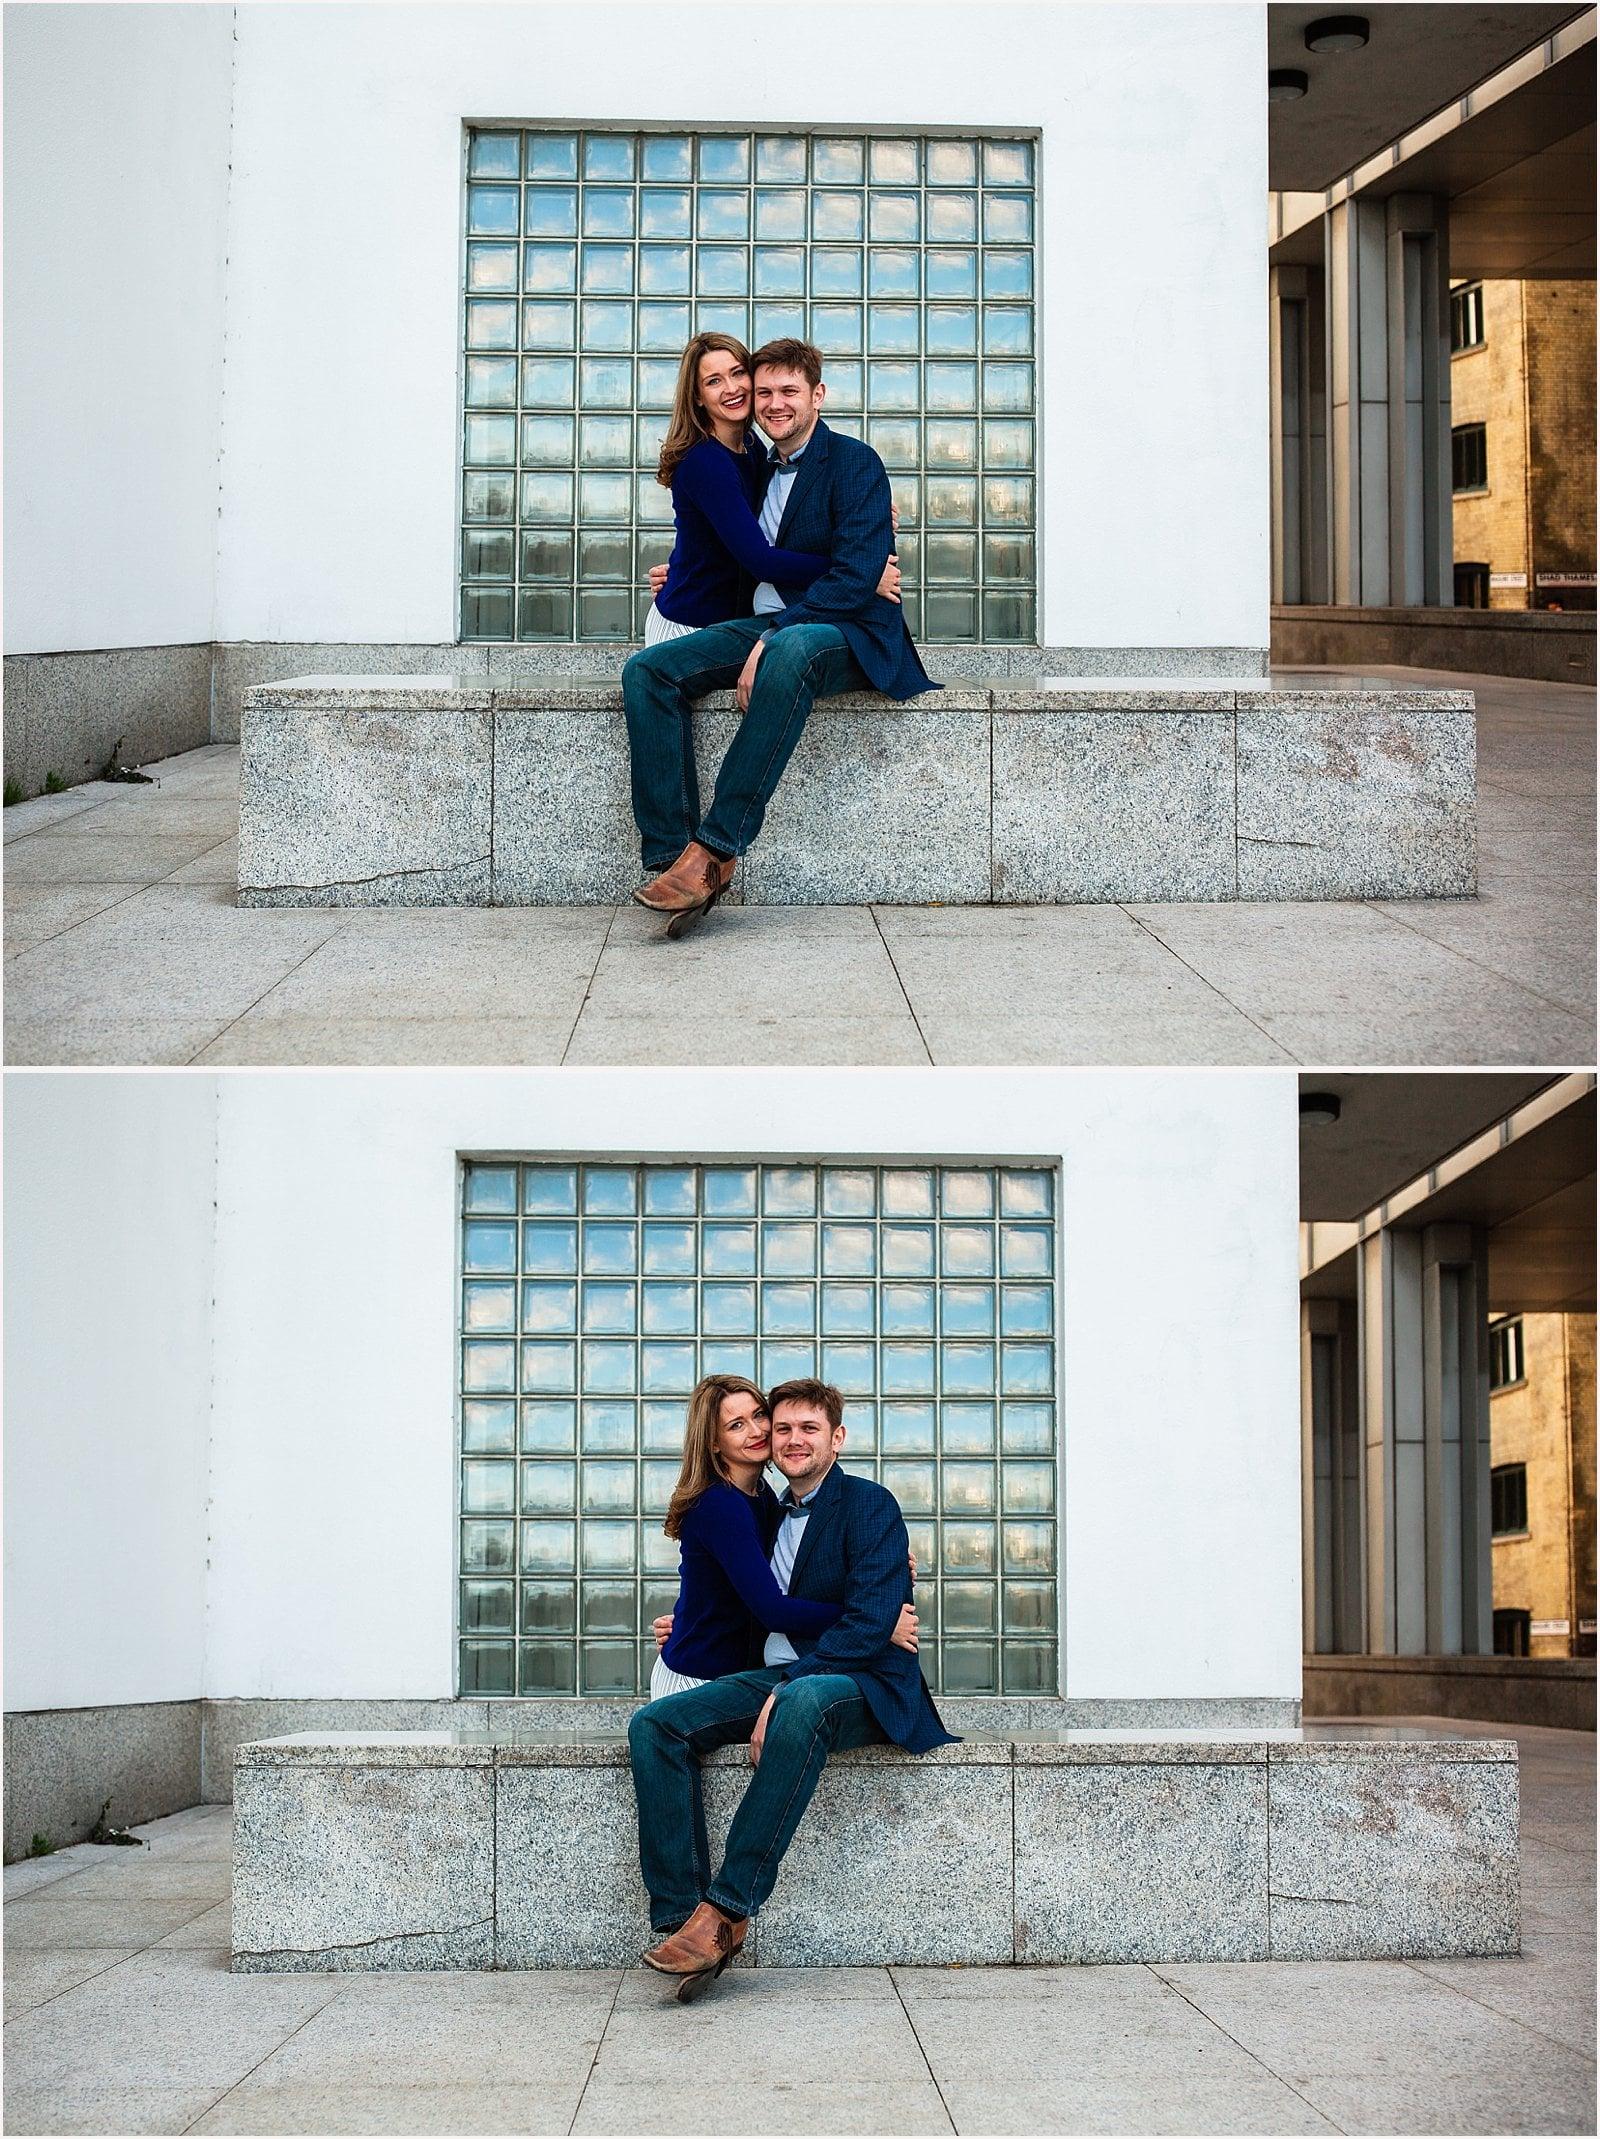 Stunning London Engagement Photos - Ksenia & Iain 2